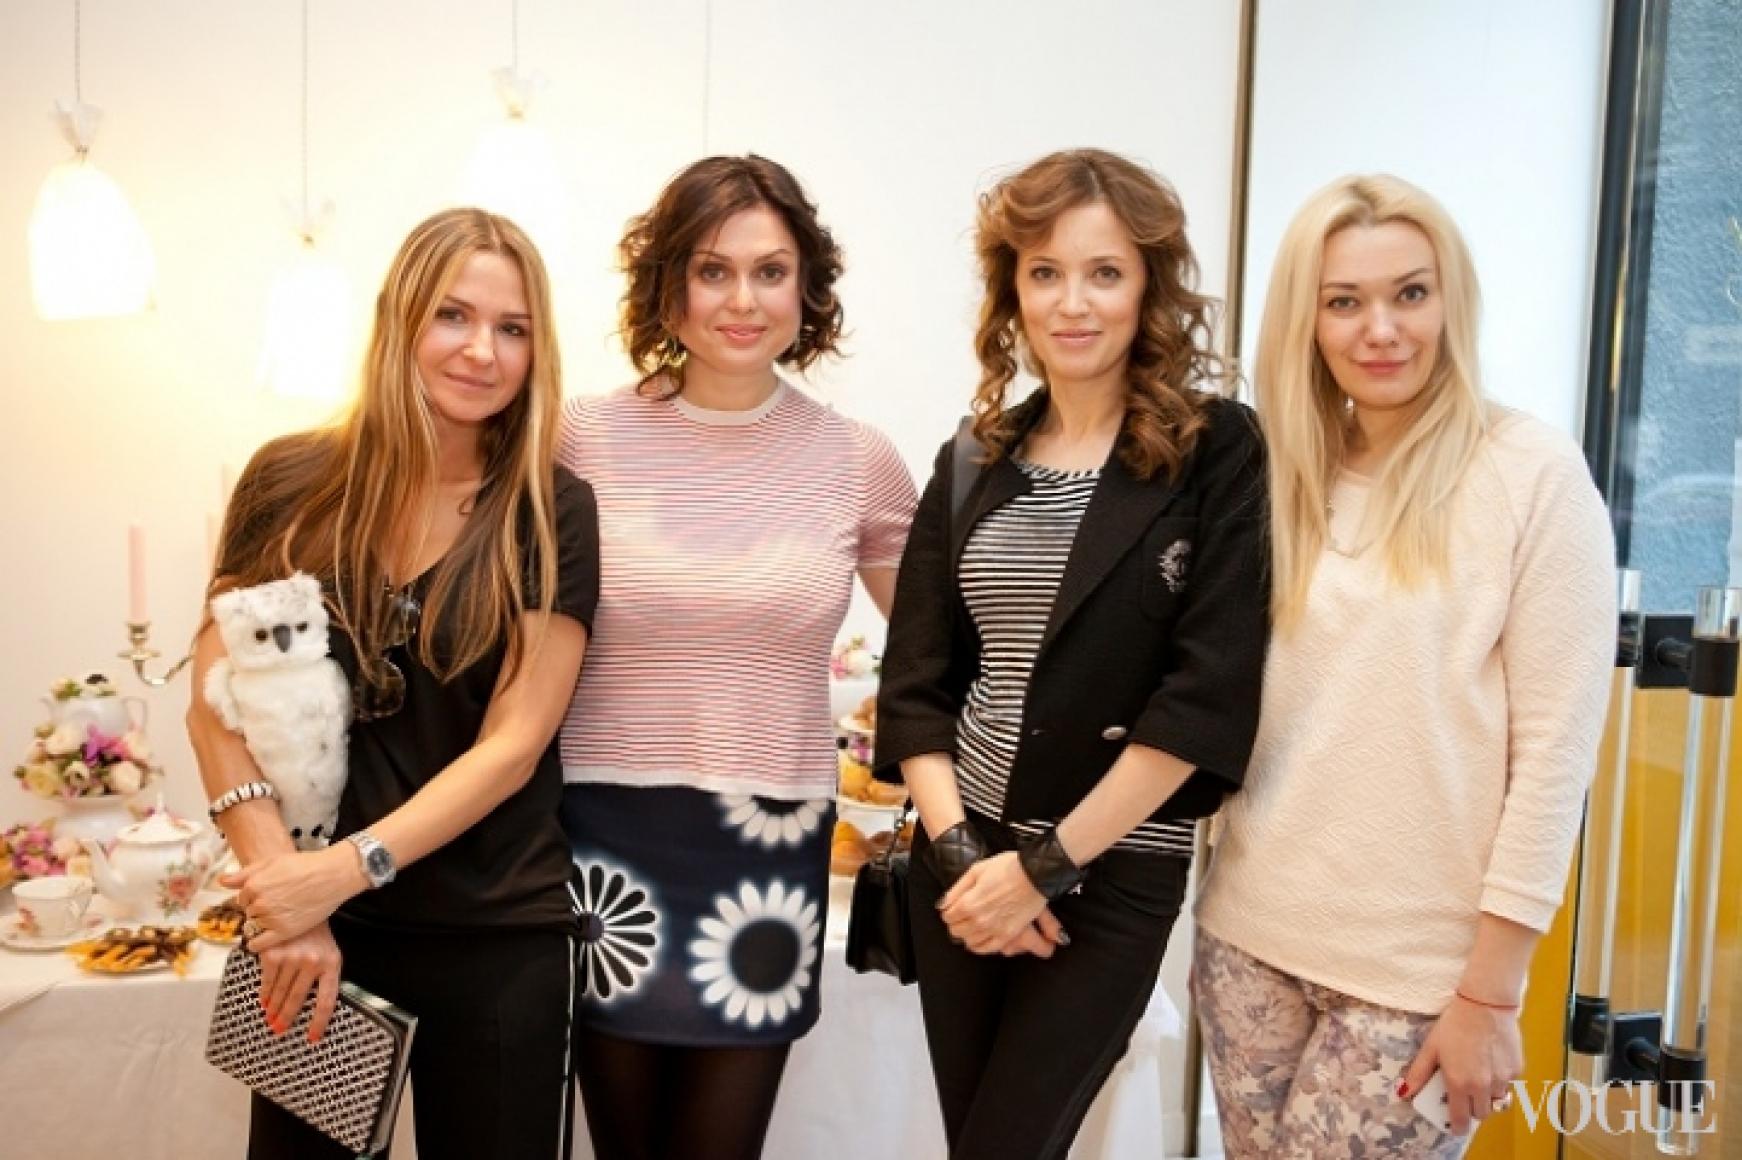 Кристина Храновская, Иванна Никонова, Ирина Ковальчук